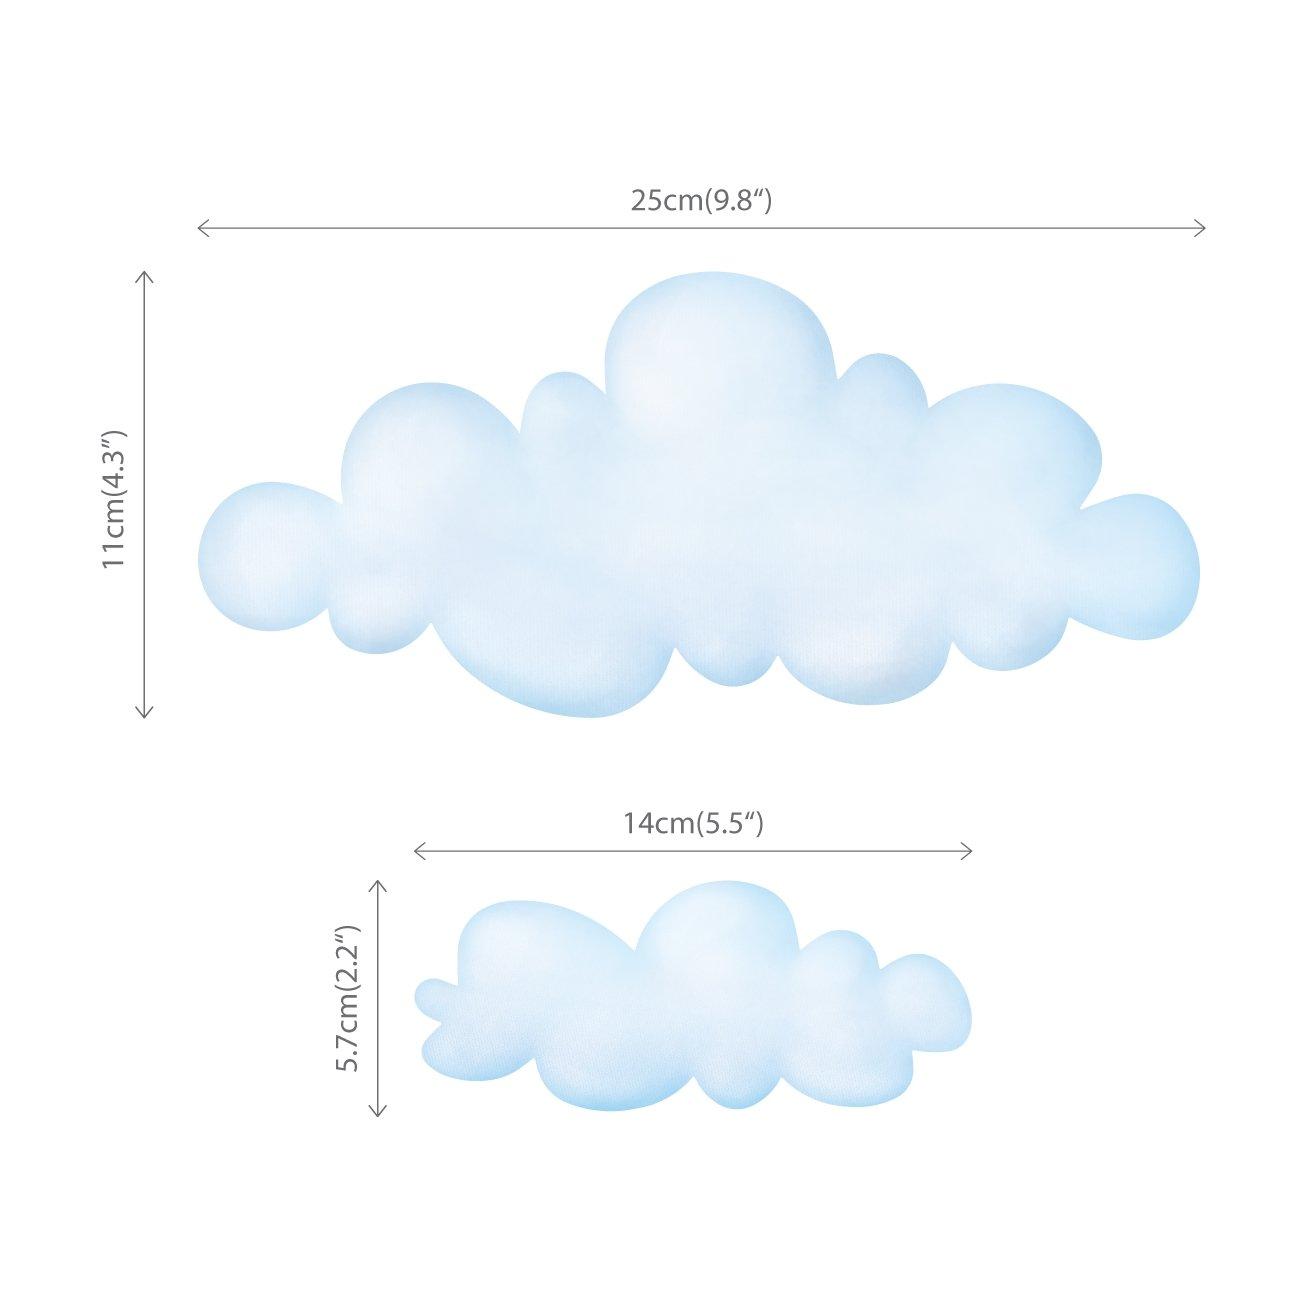 DECOWALL DA-1713 Wolken und Regenbogen Wandtattoo Wandsticker Wandaufkleber Wanddeko f/ür Wohnzimmer Schlafzimmer Kinderzimmer Gro/ß